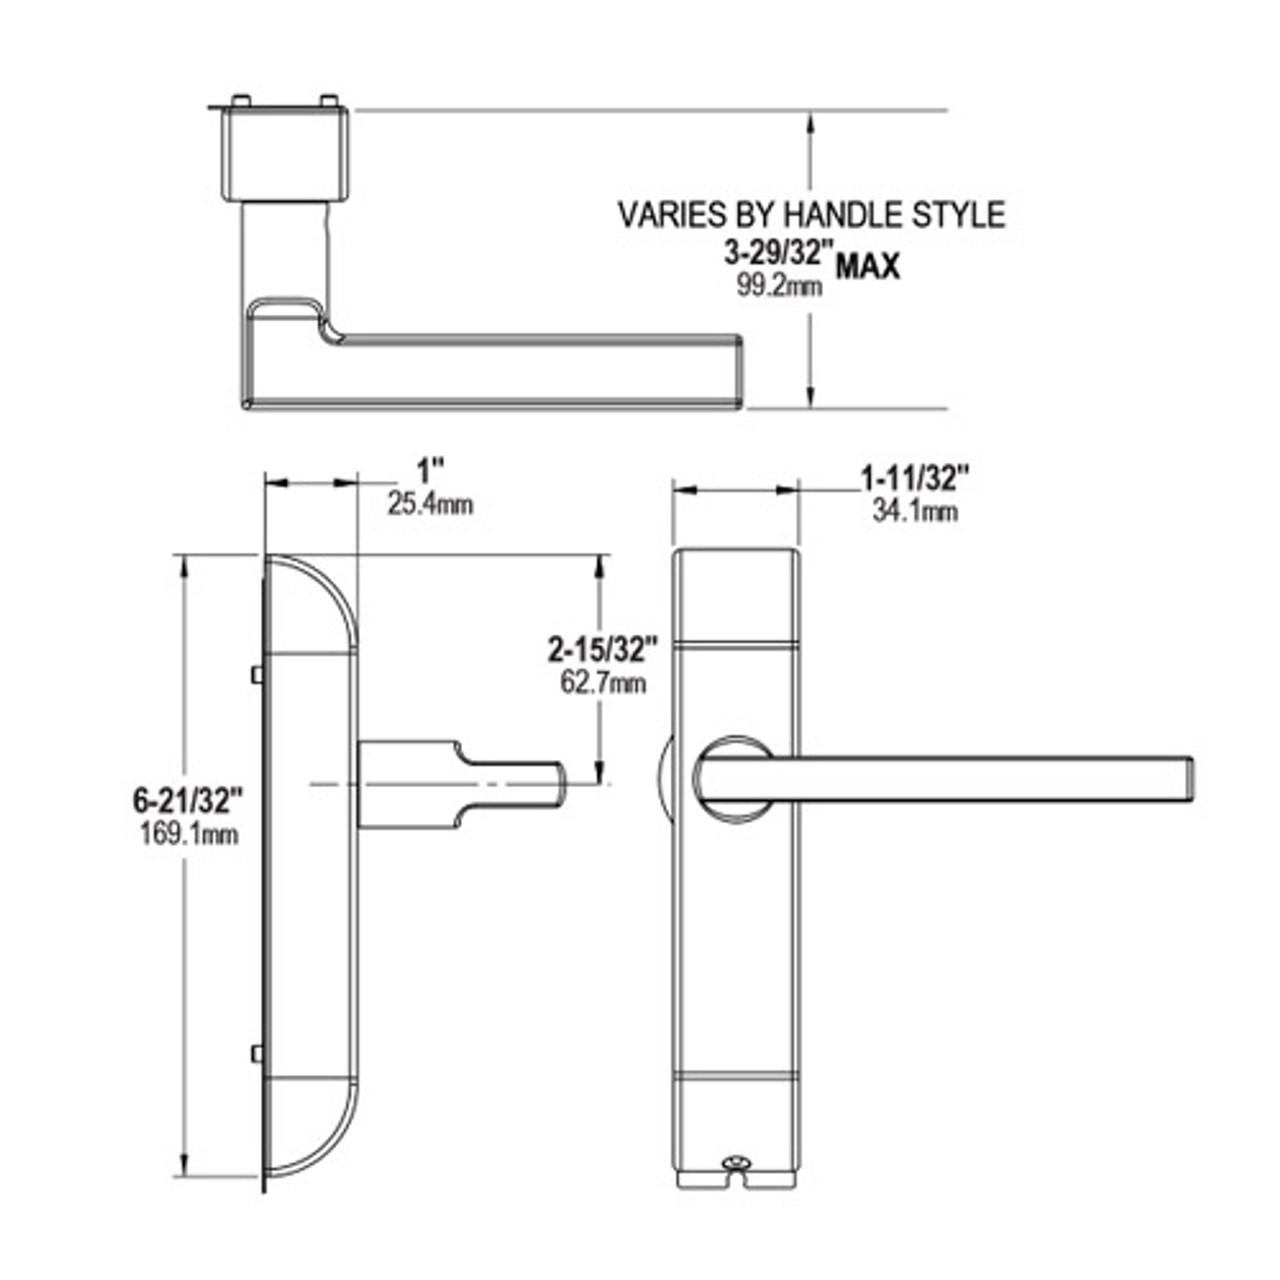 4600M-MN-521-US4 Adams Rite MN Designer handle Dimensional View